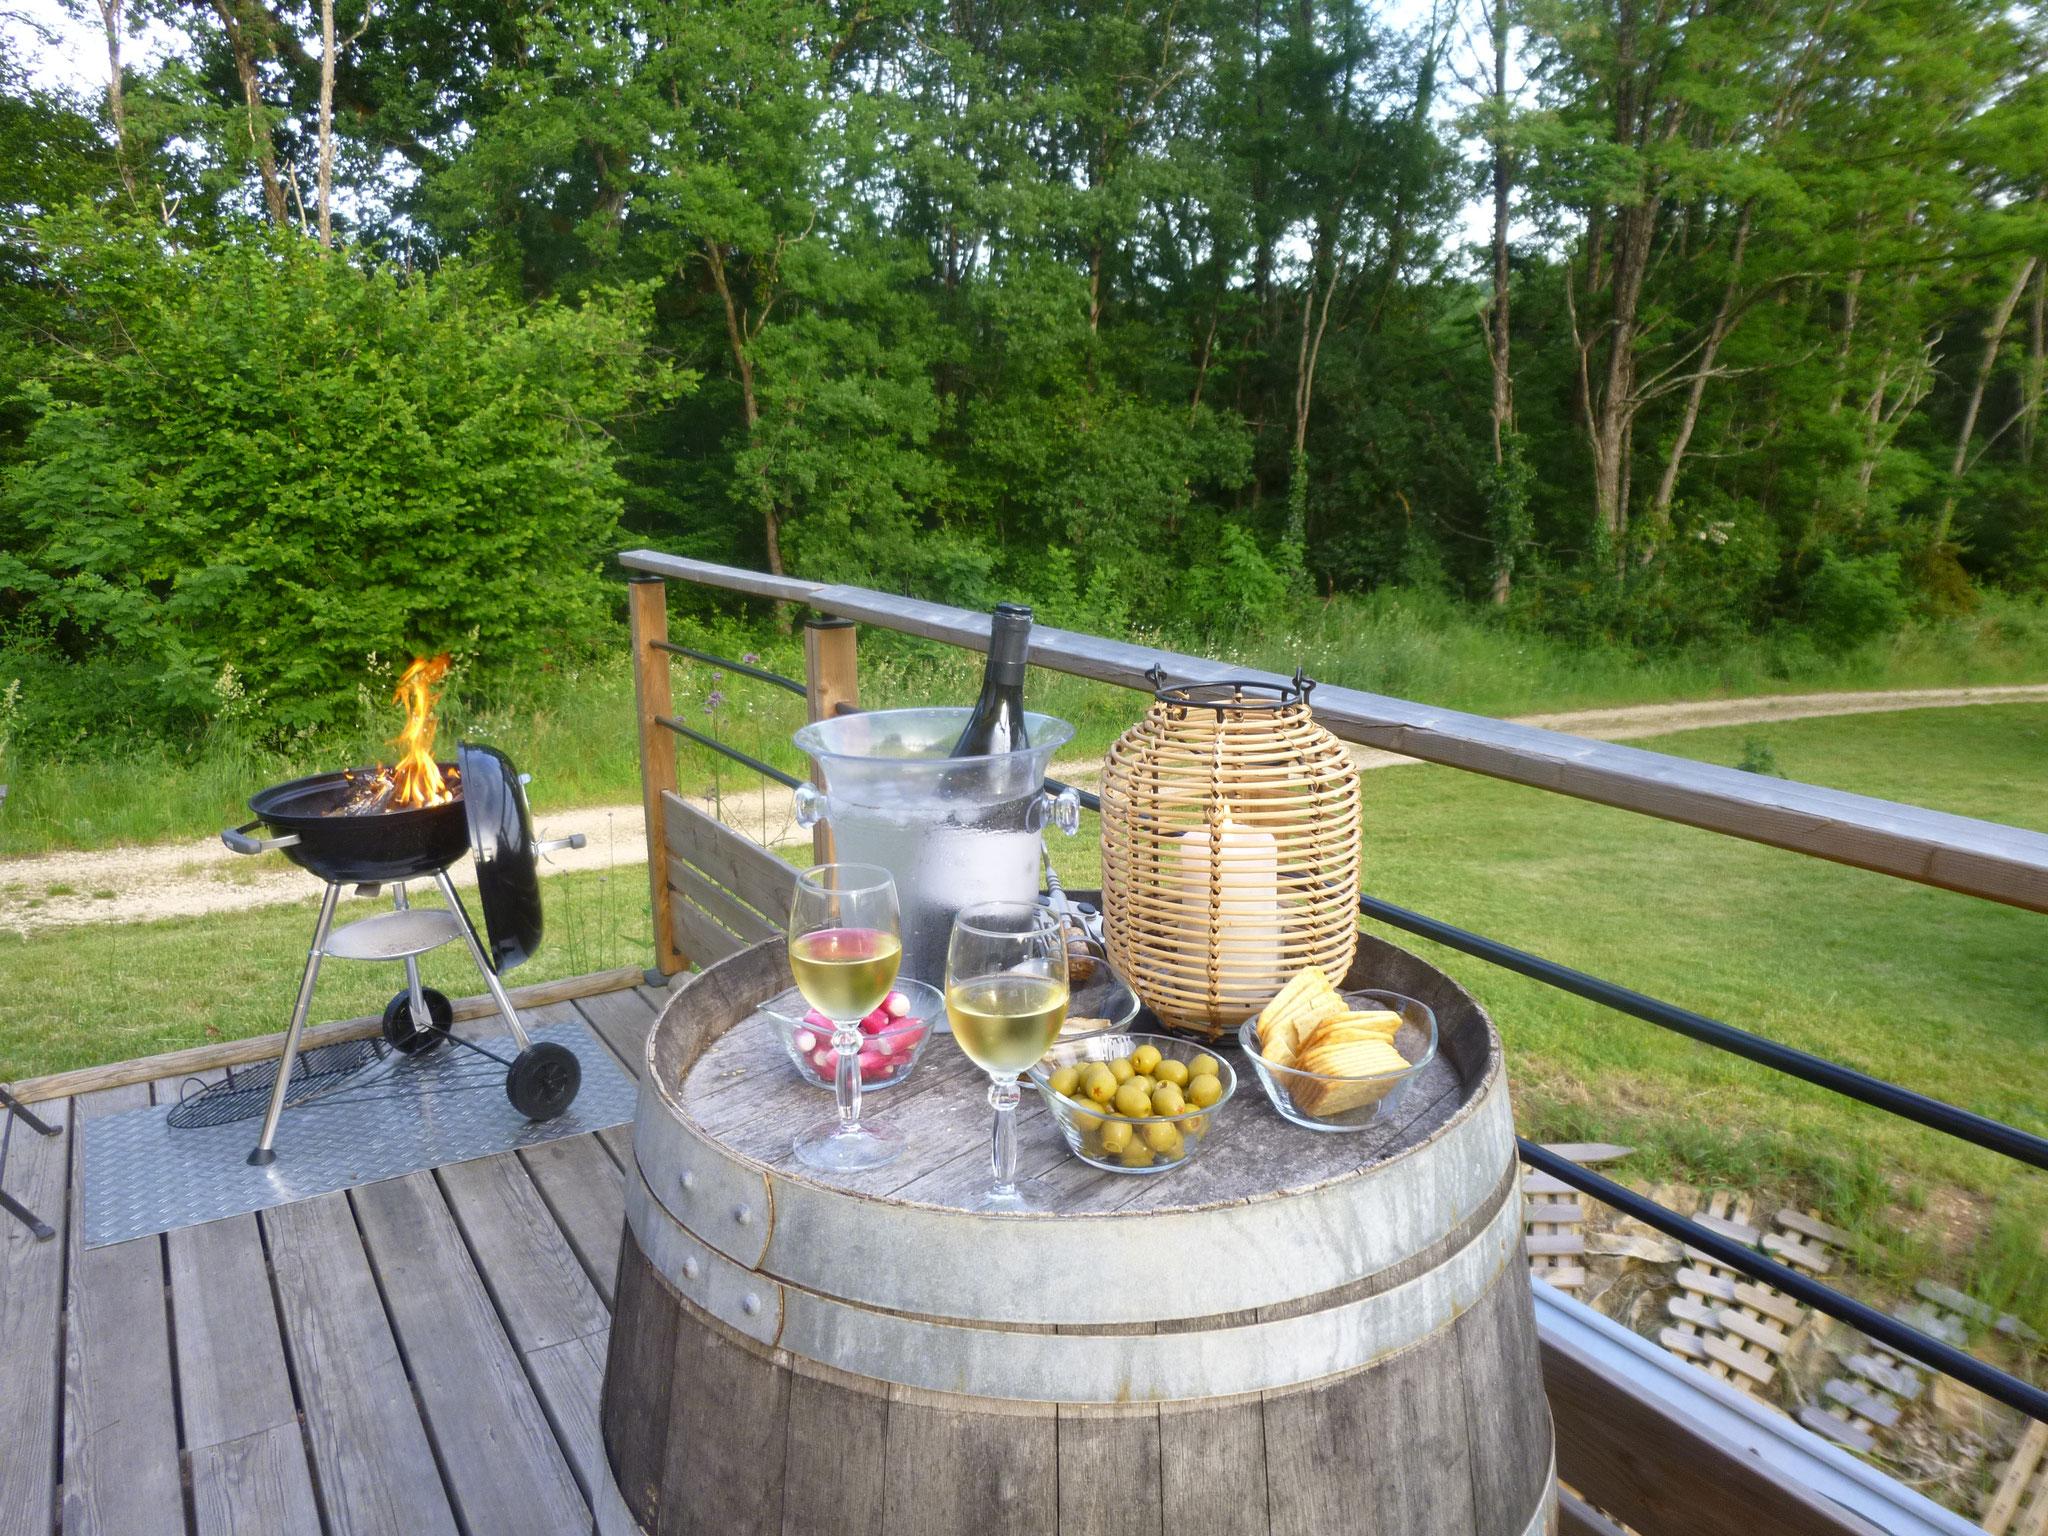 Le temps d'un apéro barbecue